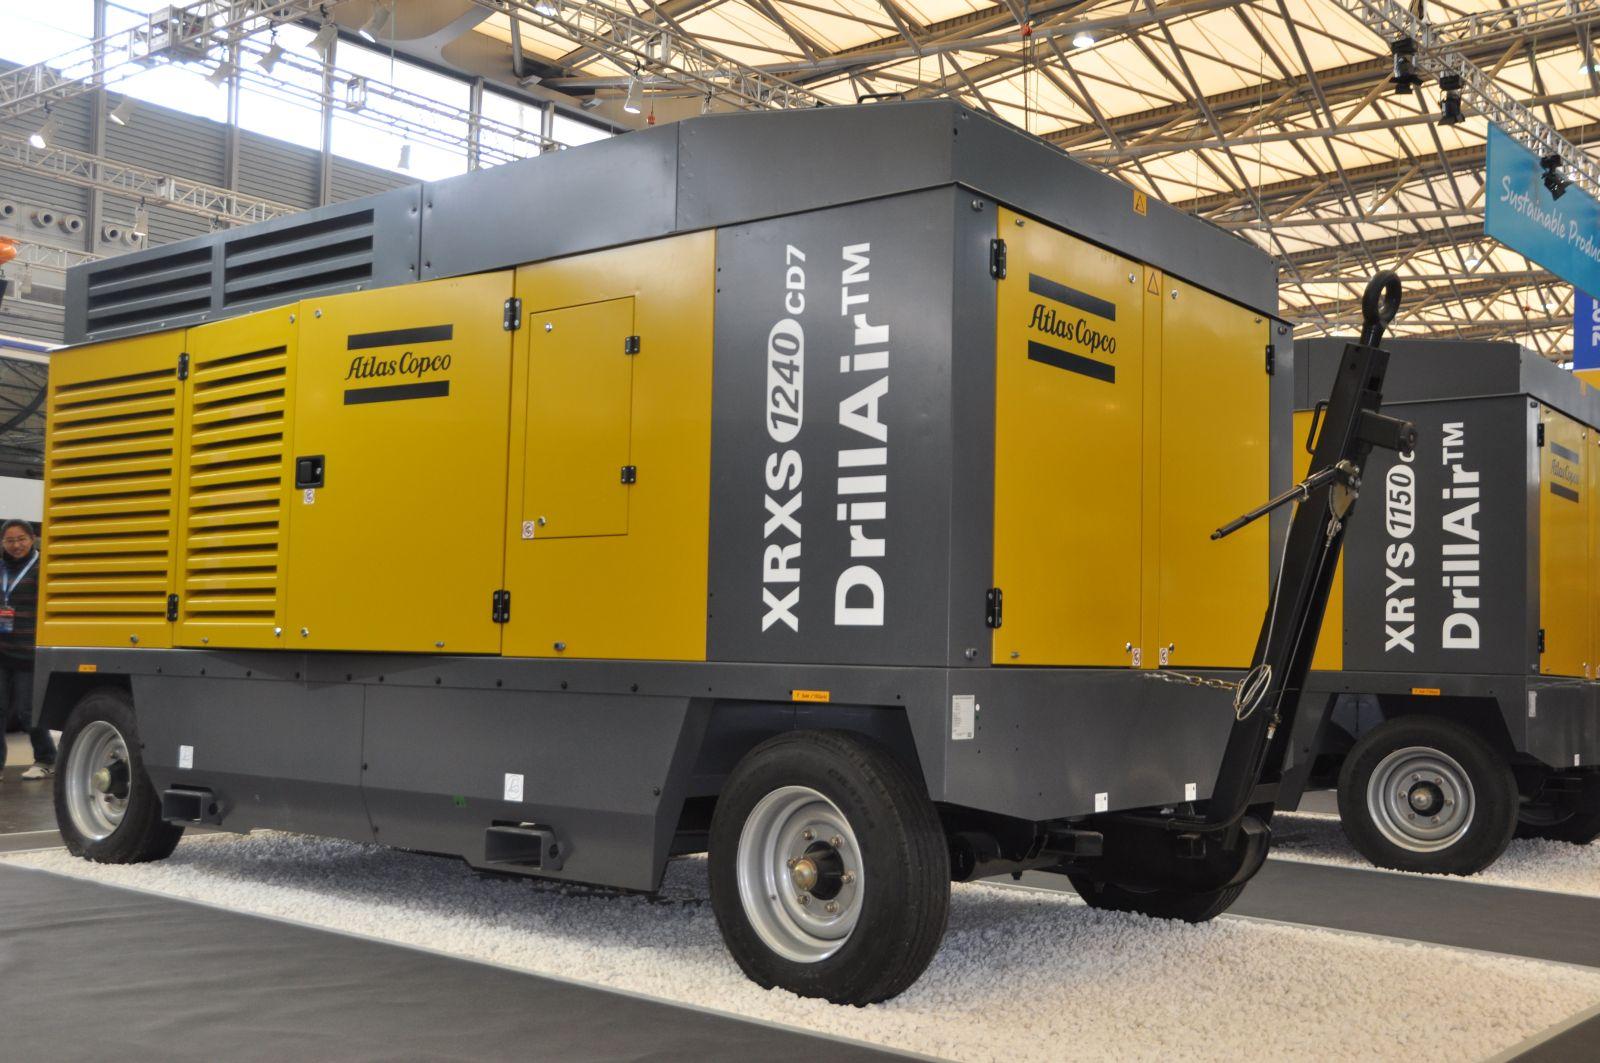 atlas copco kompressoren preise gebrauchte traktoren mit. Black Bedroom Furniture Sets. Home Design Ideas